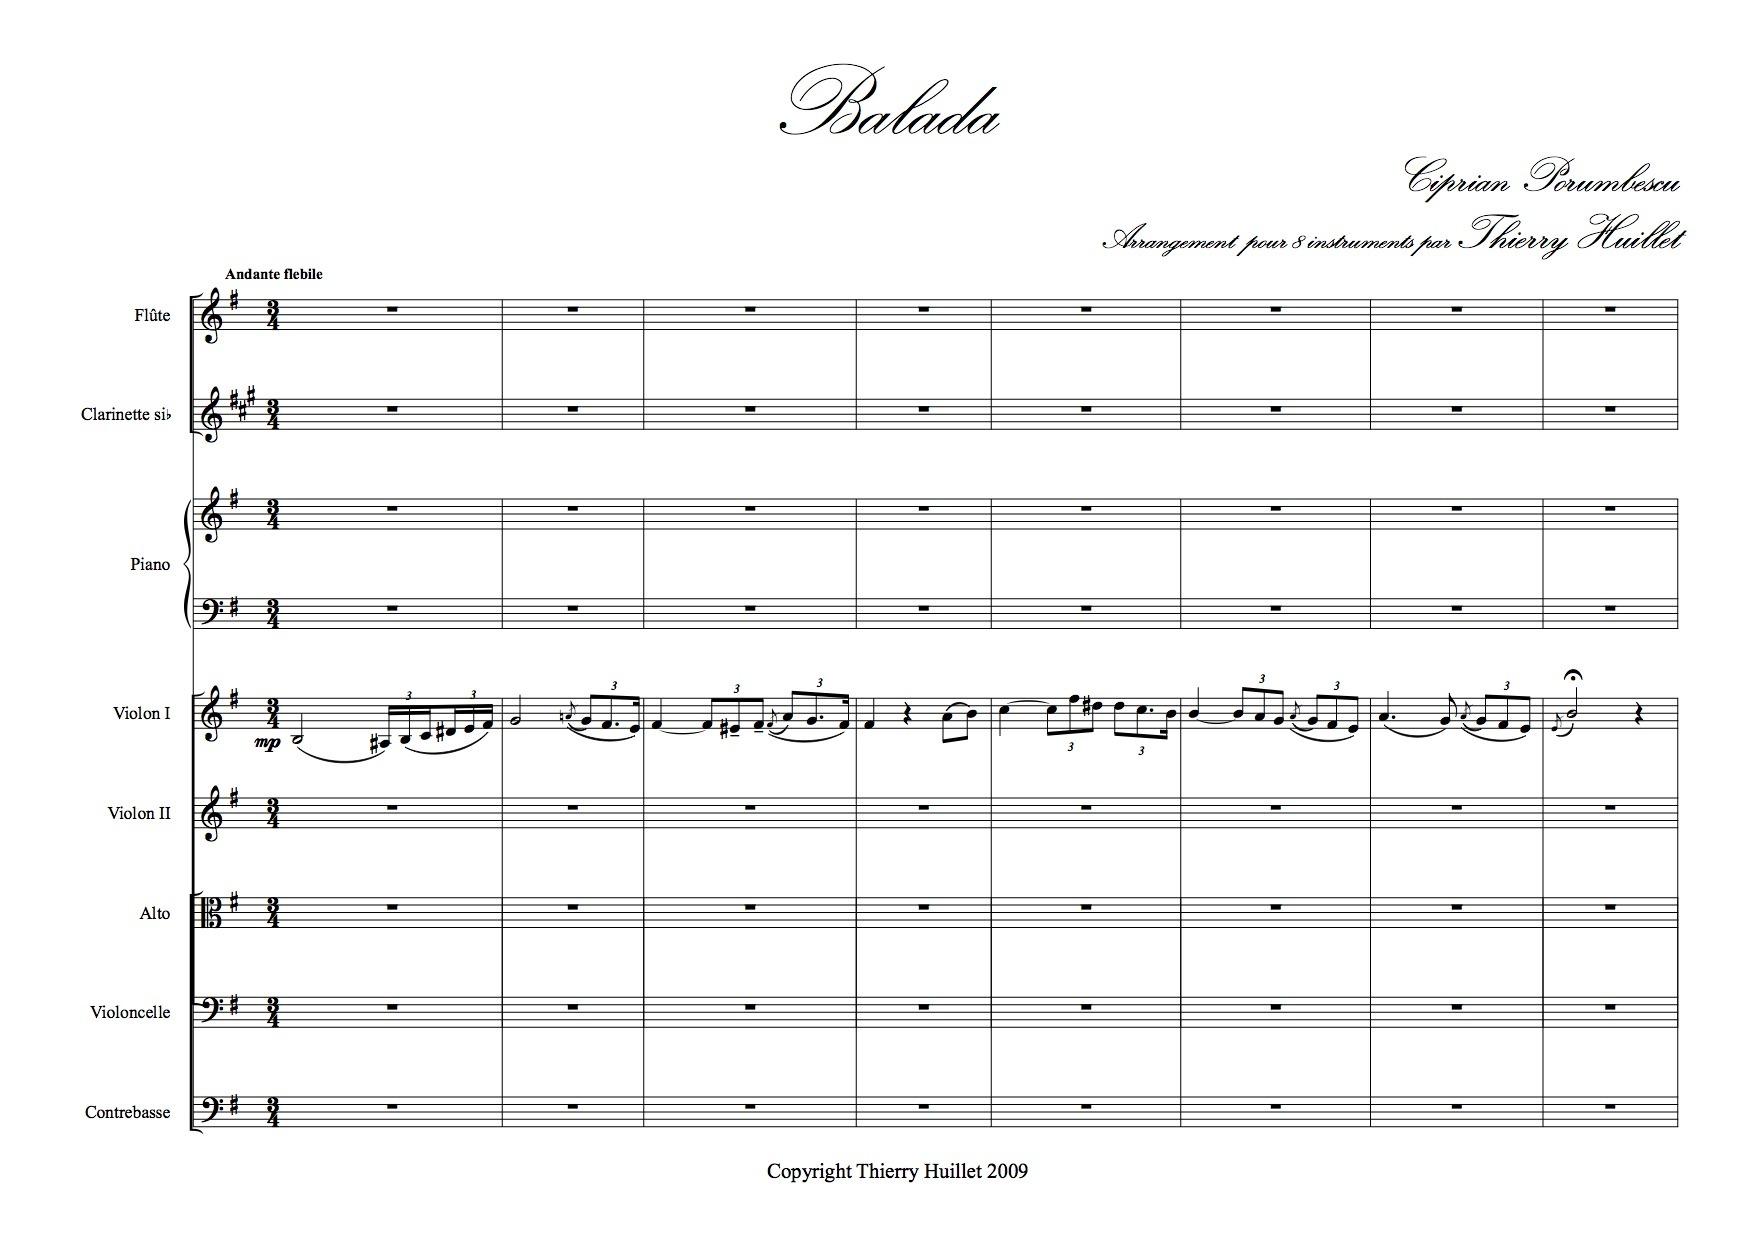 Thierryhuillet Balada8instruments Scoreparts2